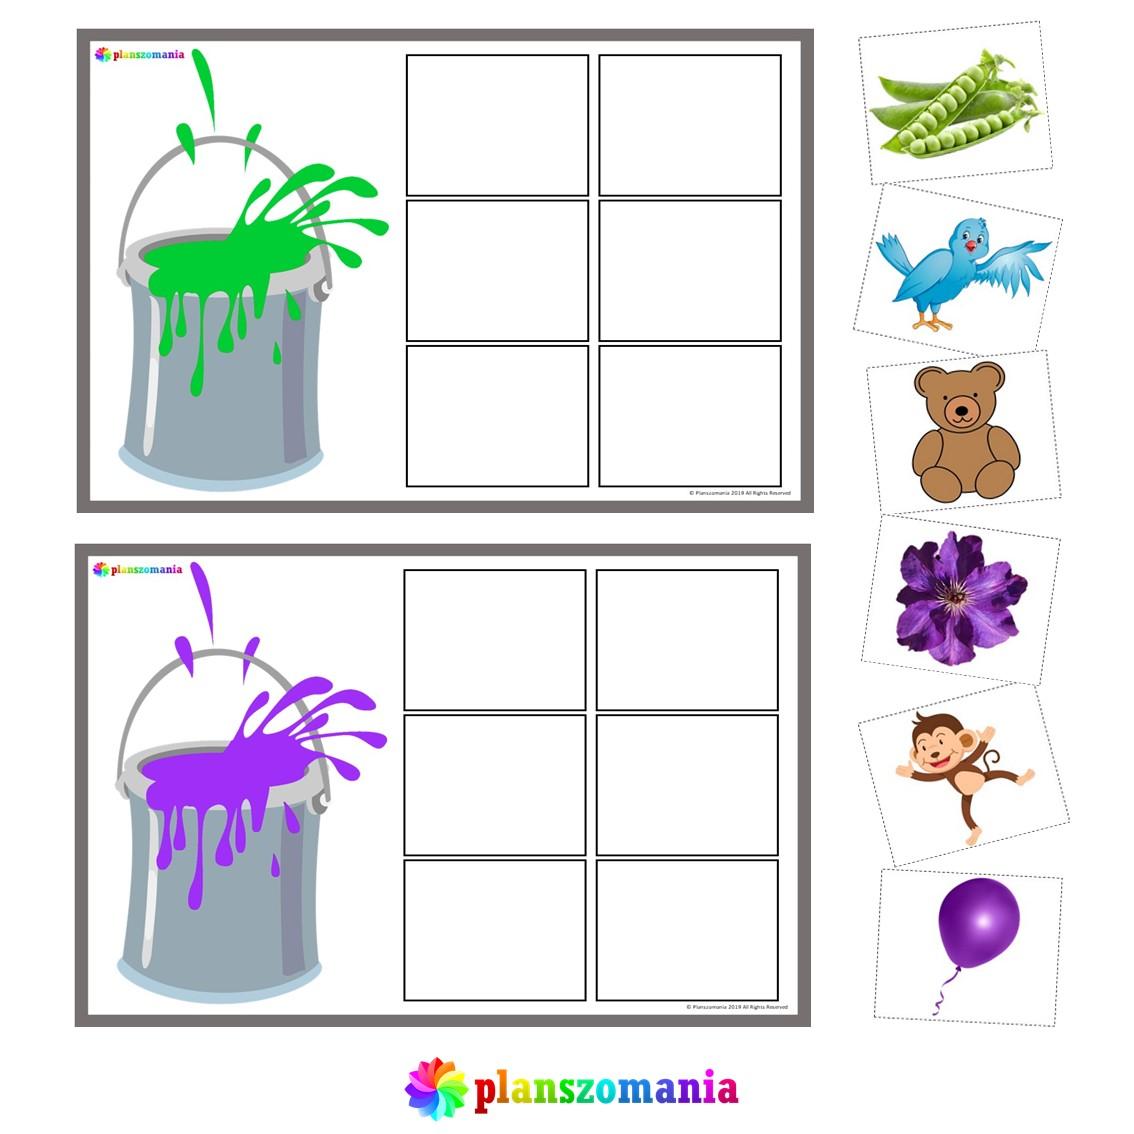 kolory nauka kolorów układanka klasa 1 2 3 szkoła podstawowa dla dzieci przedszkole zadanie pomoce edukacyjne pdf do druku za darmo